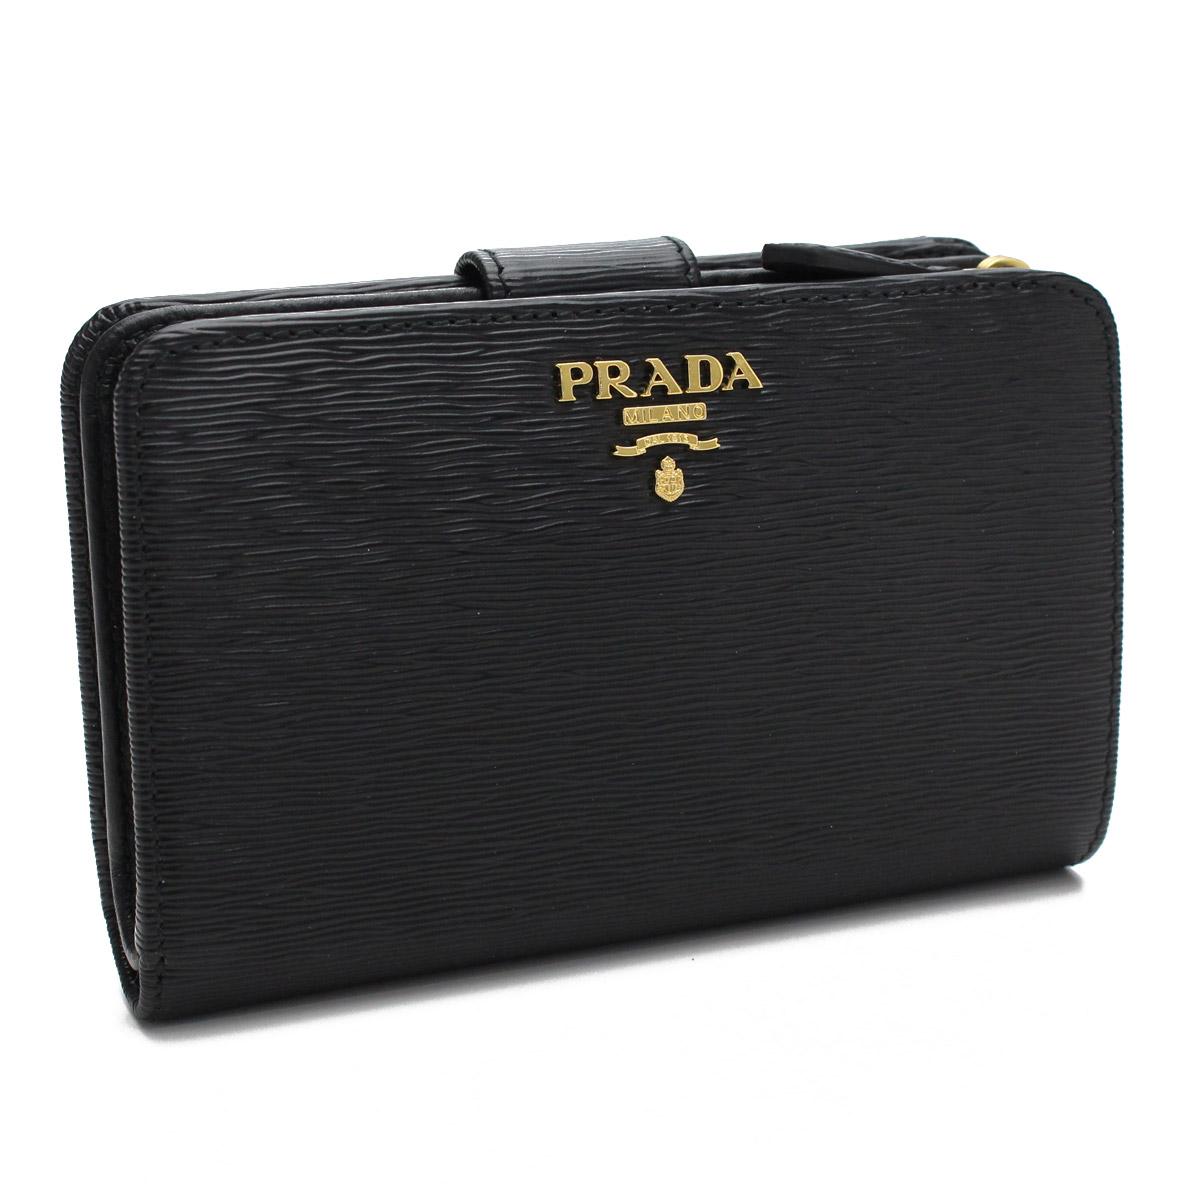 プラダ アウトレット PRADA OUTLET 二つ折り 1ML225-O 2EZZ F0002 NERO ブラック レディース 最安挑戦中